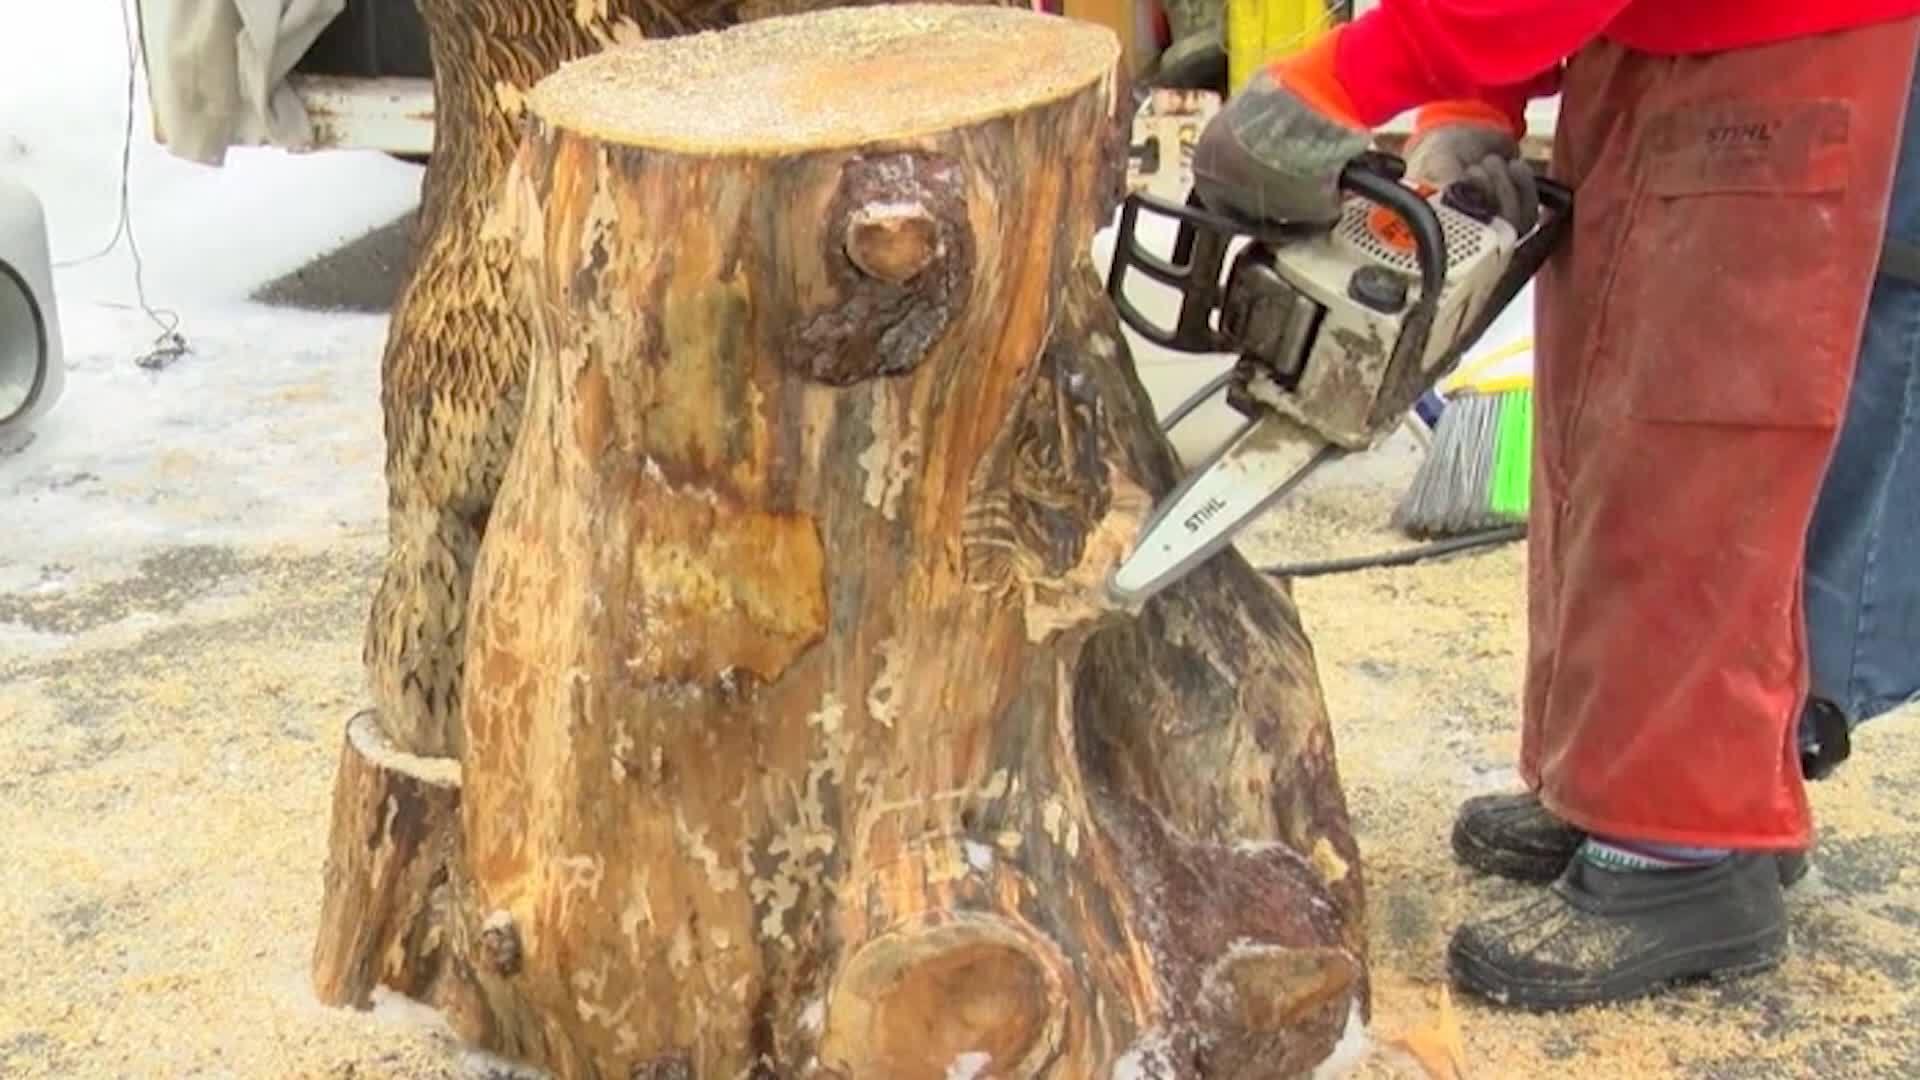 WTAJ_Originals__Chainsaw_carving_festiva_0_20190205205044